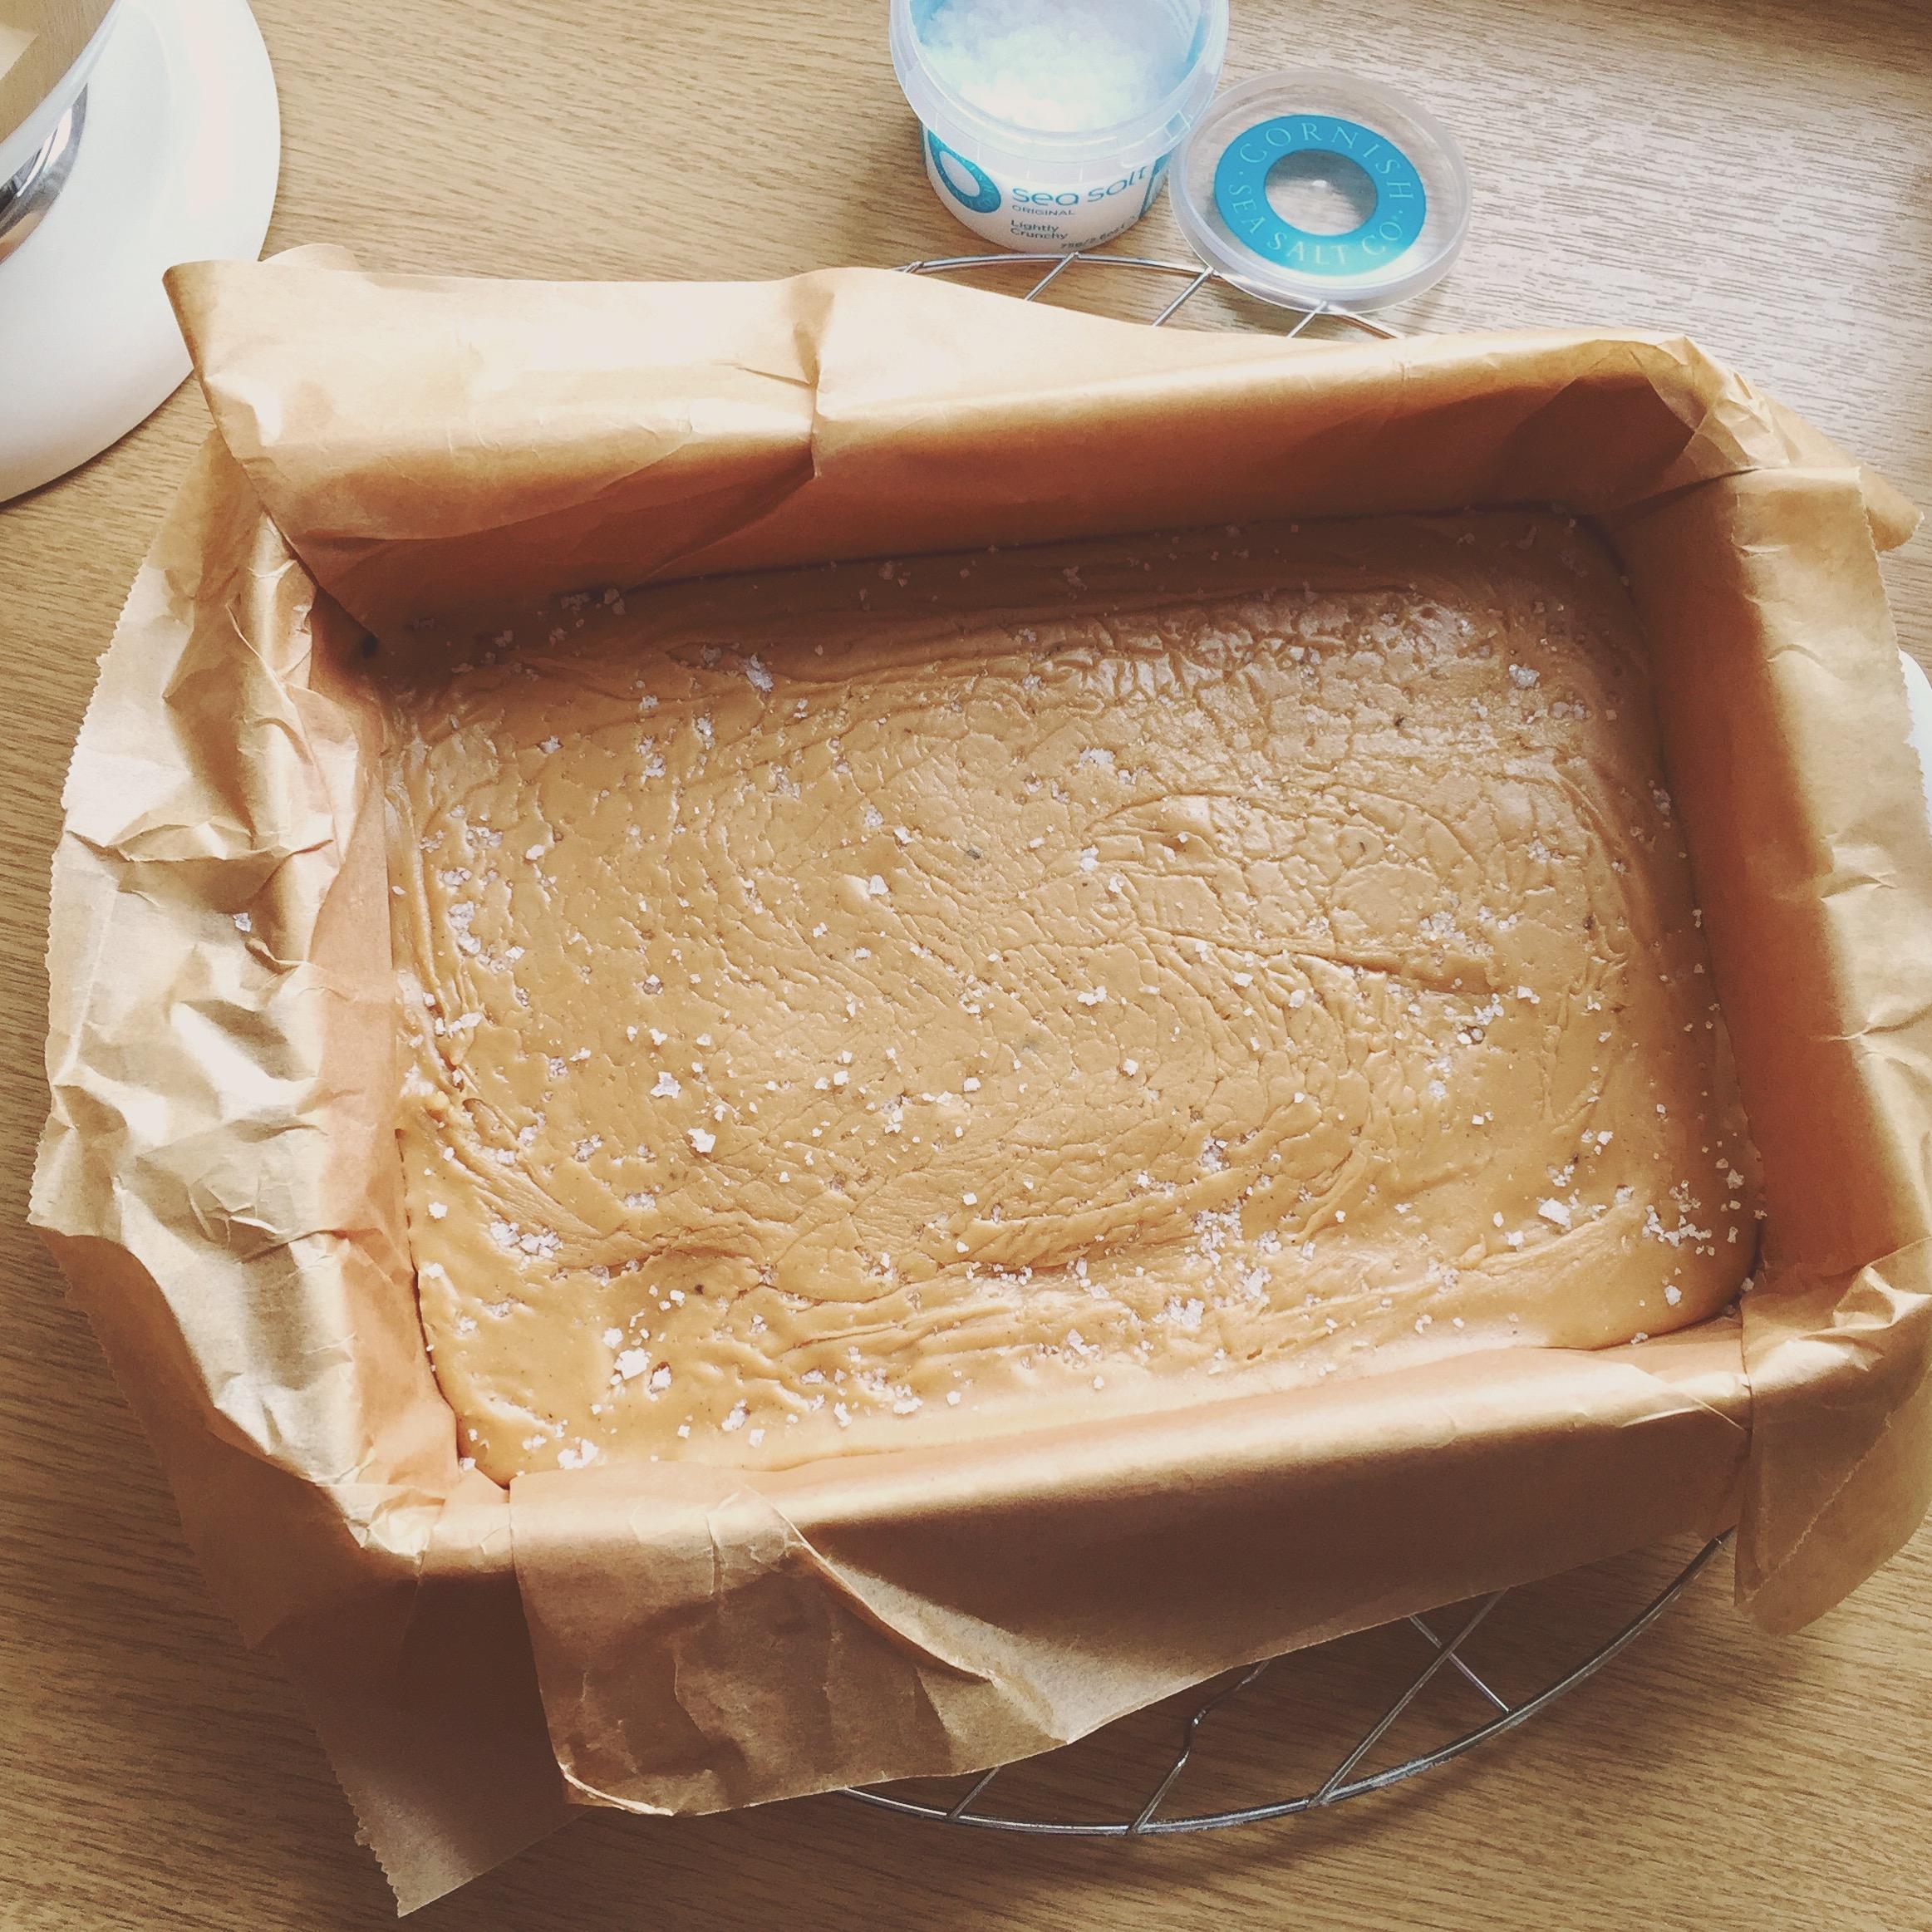 Fudge: Erdnuss-Karamell-Bonbons mit Meersalz - in der Form